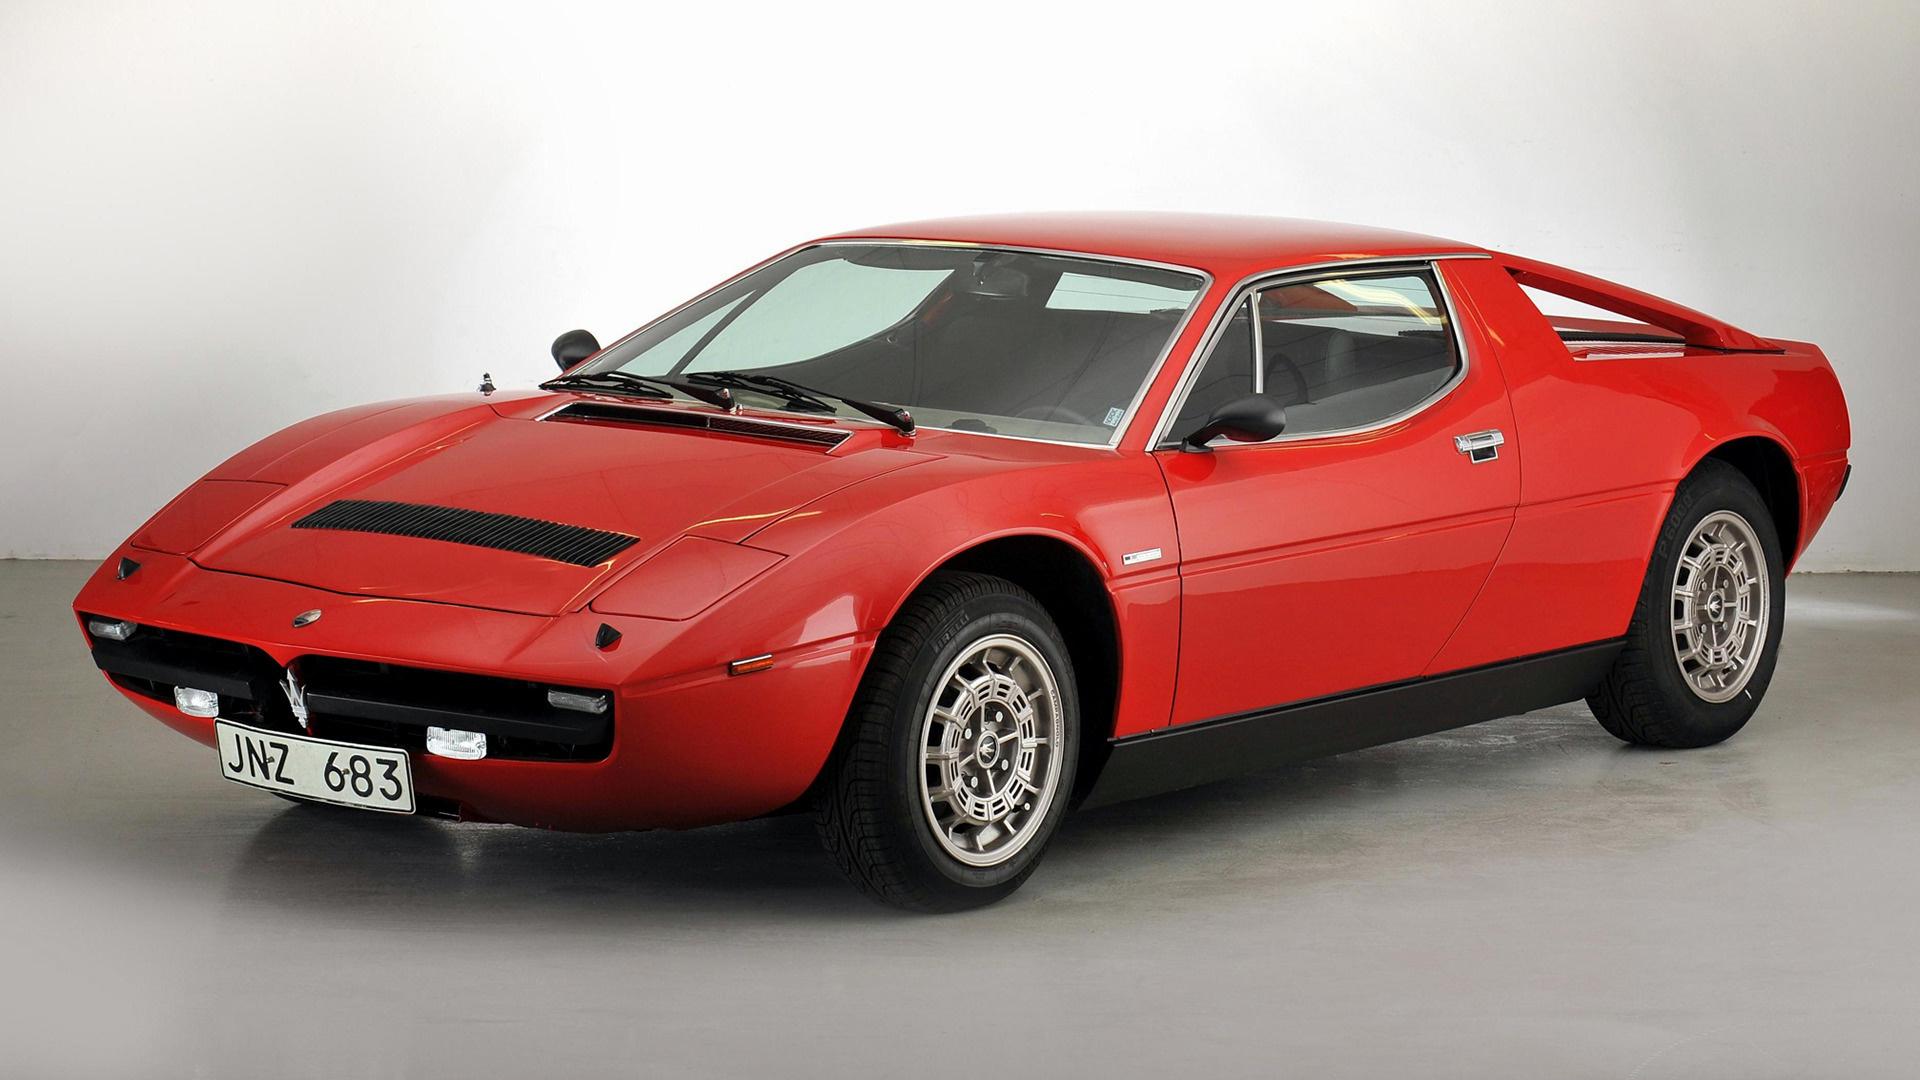 1975 Maserati Merak SS - Fonds d'écran et images HD | Car ...